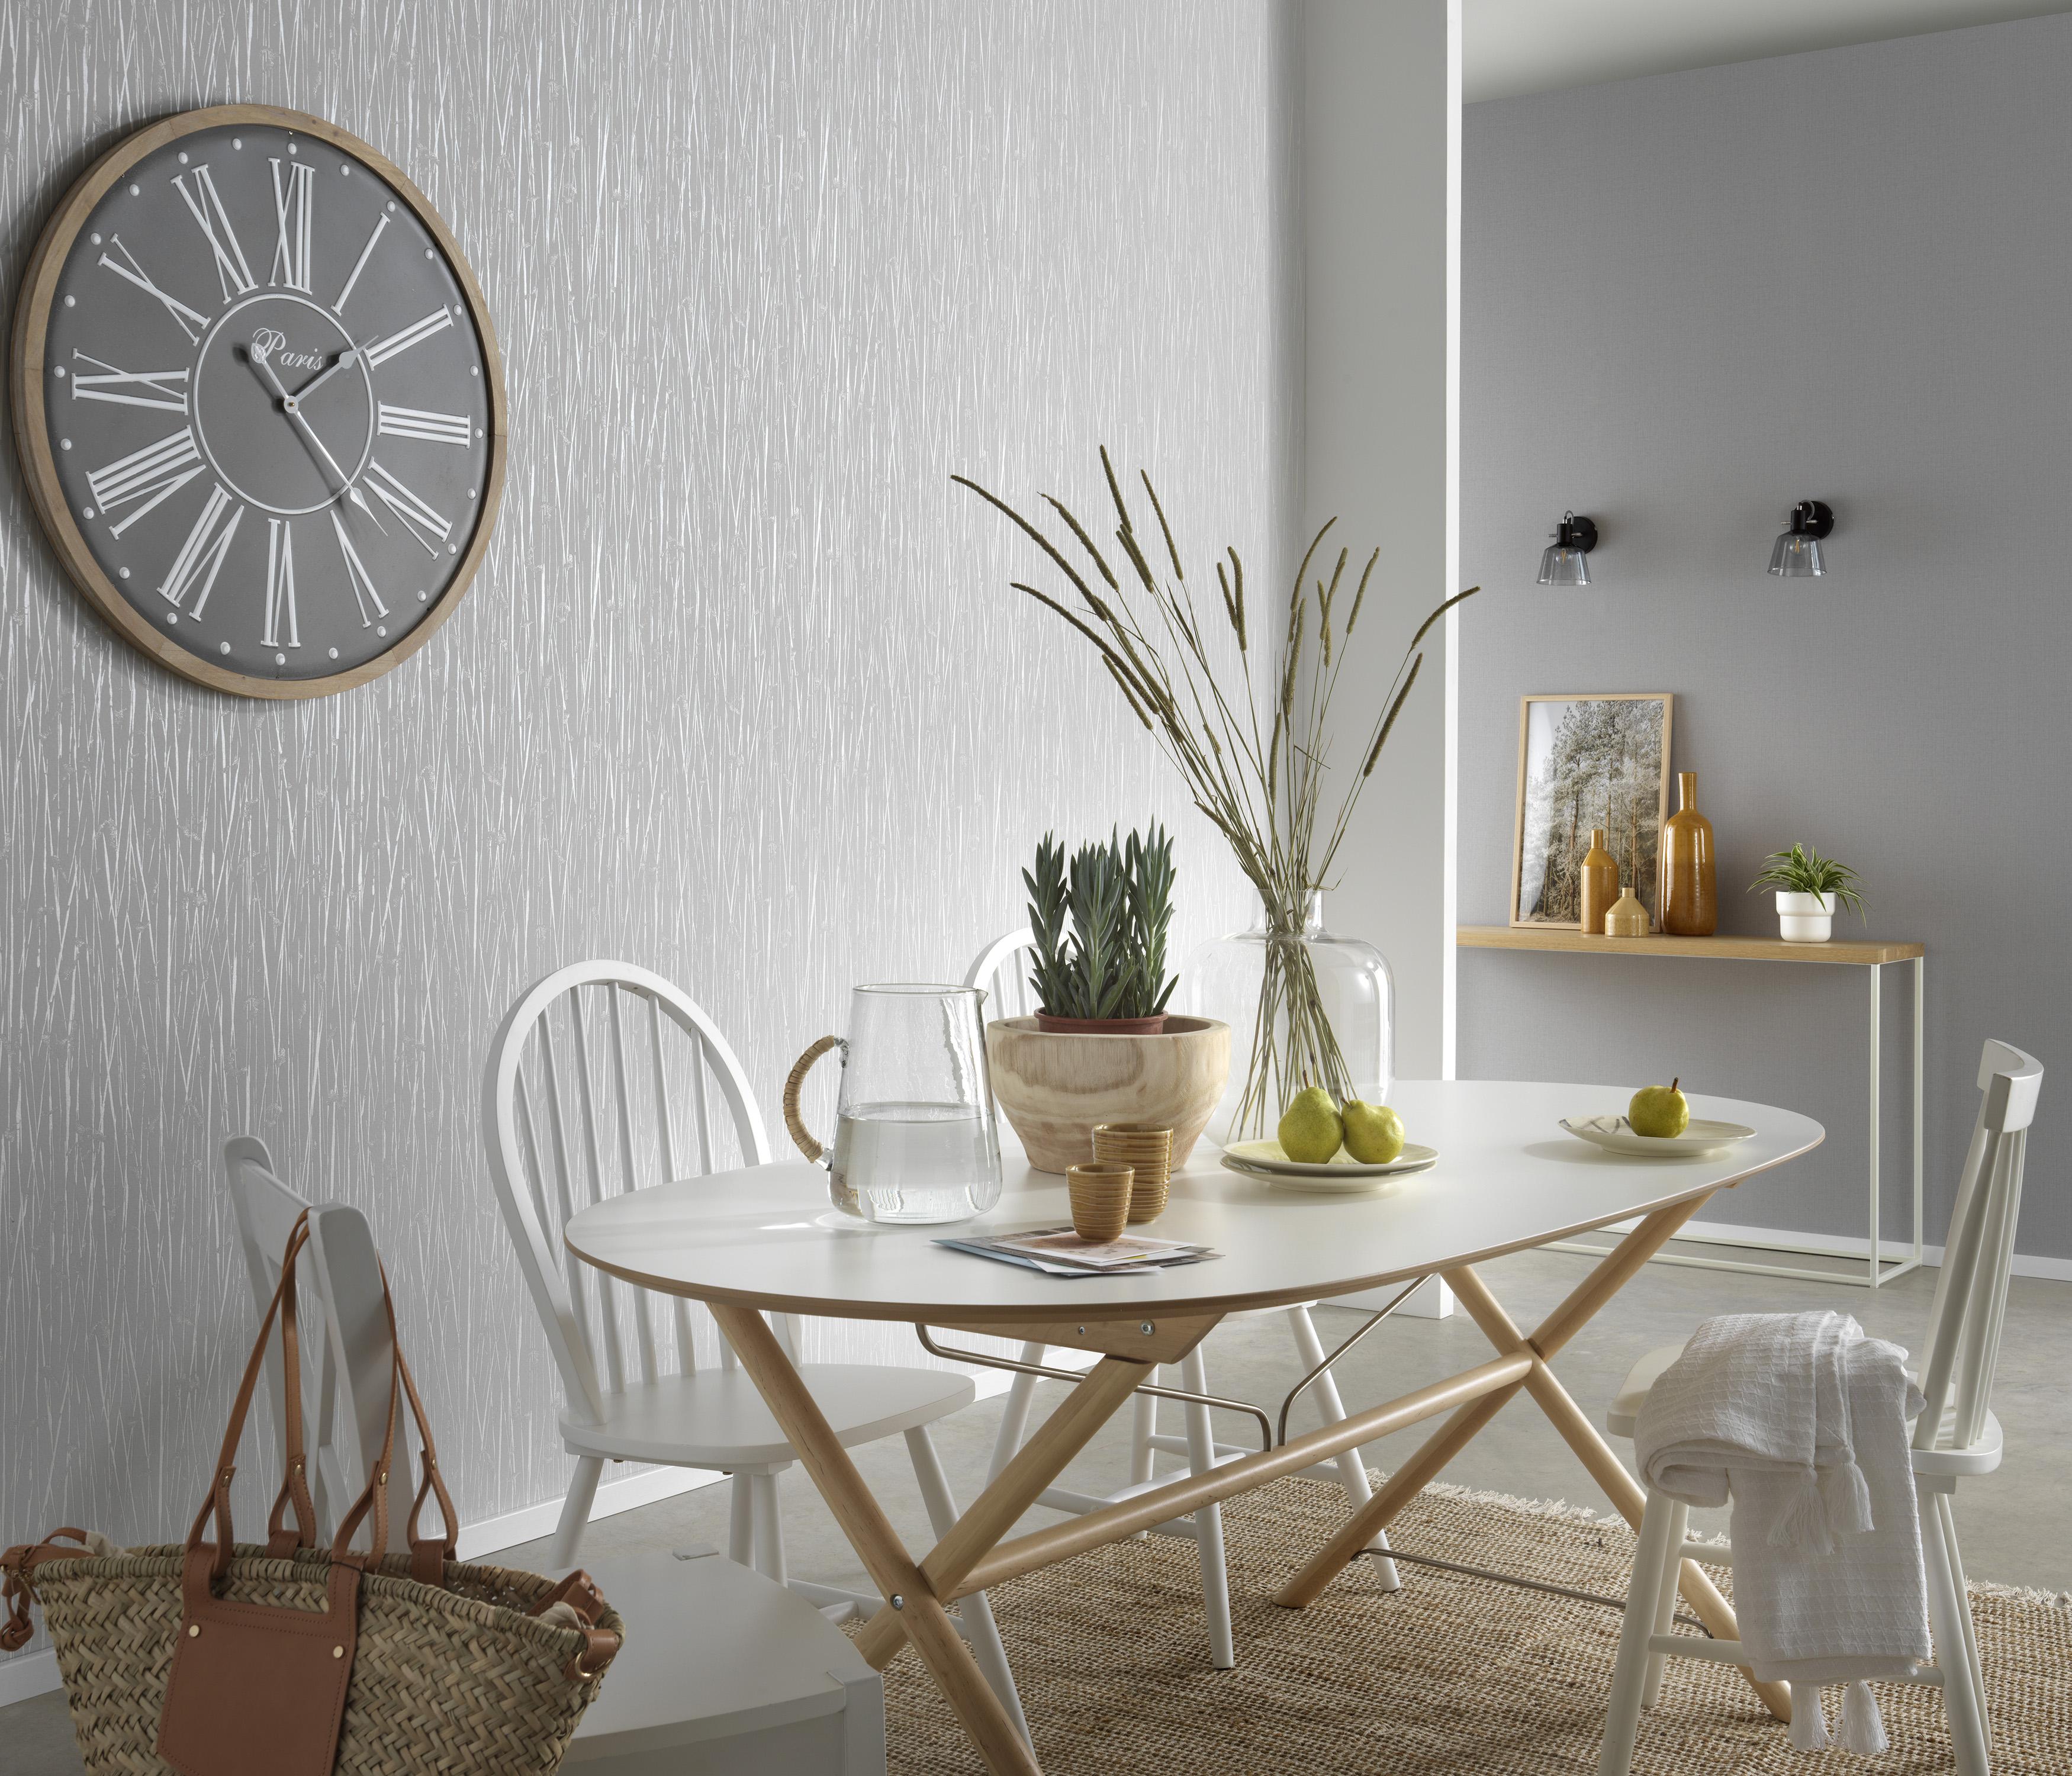 graue Vliestapete mit Grasmotiv, Esstisch und Dekoration im Boho-Look